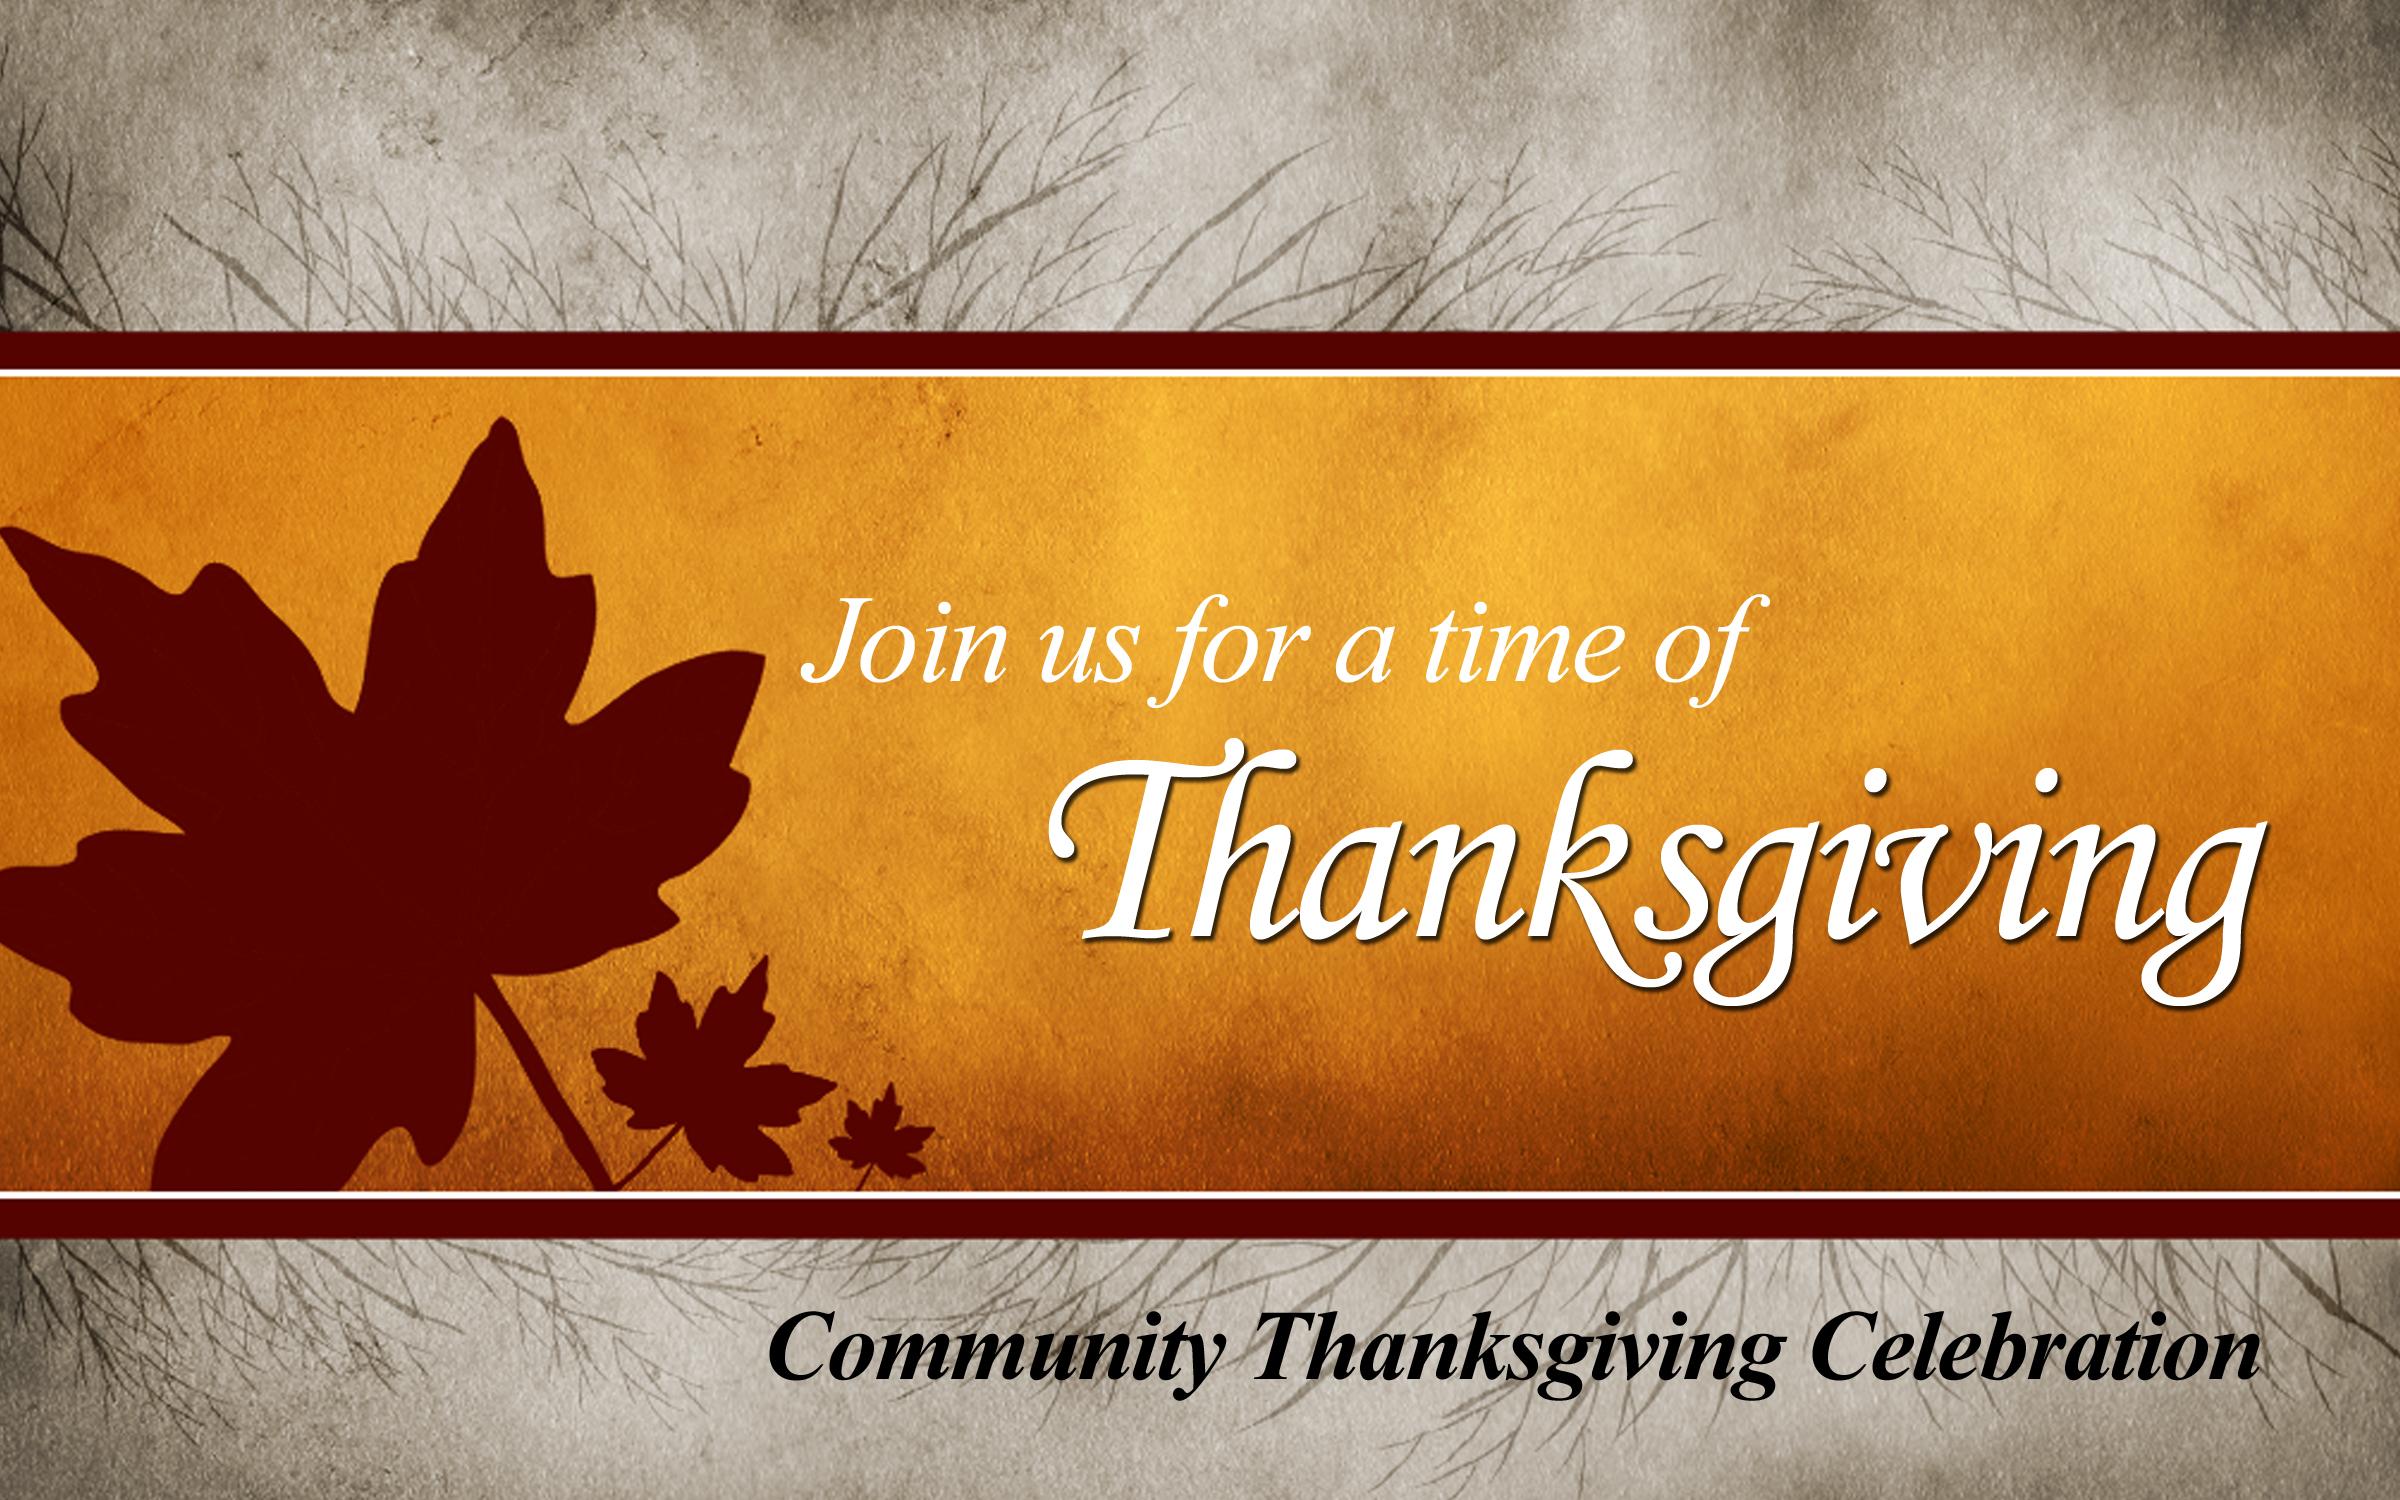 Community Thanksgiving Dinner Clipart.